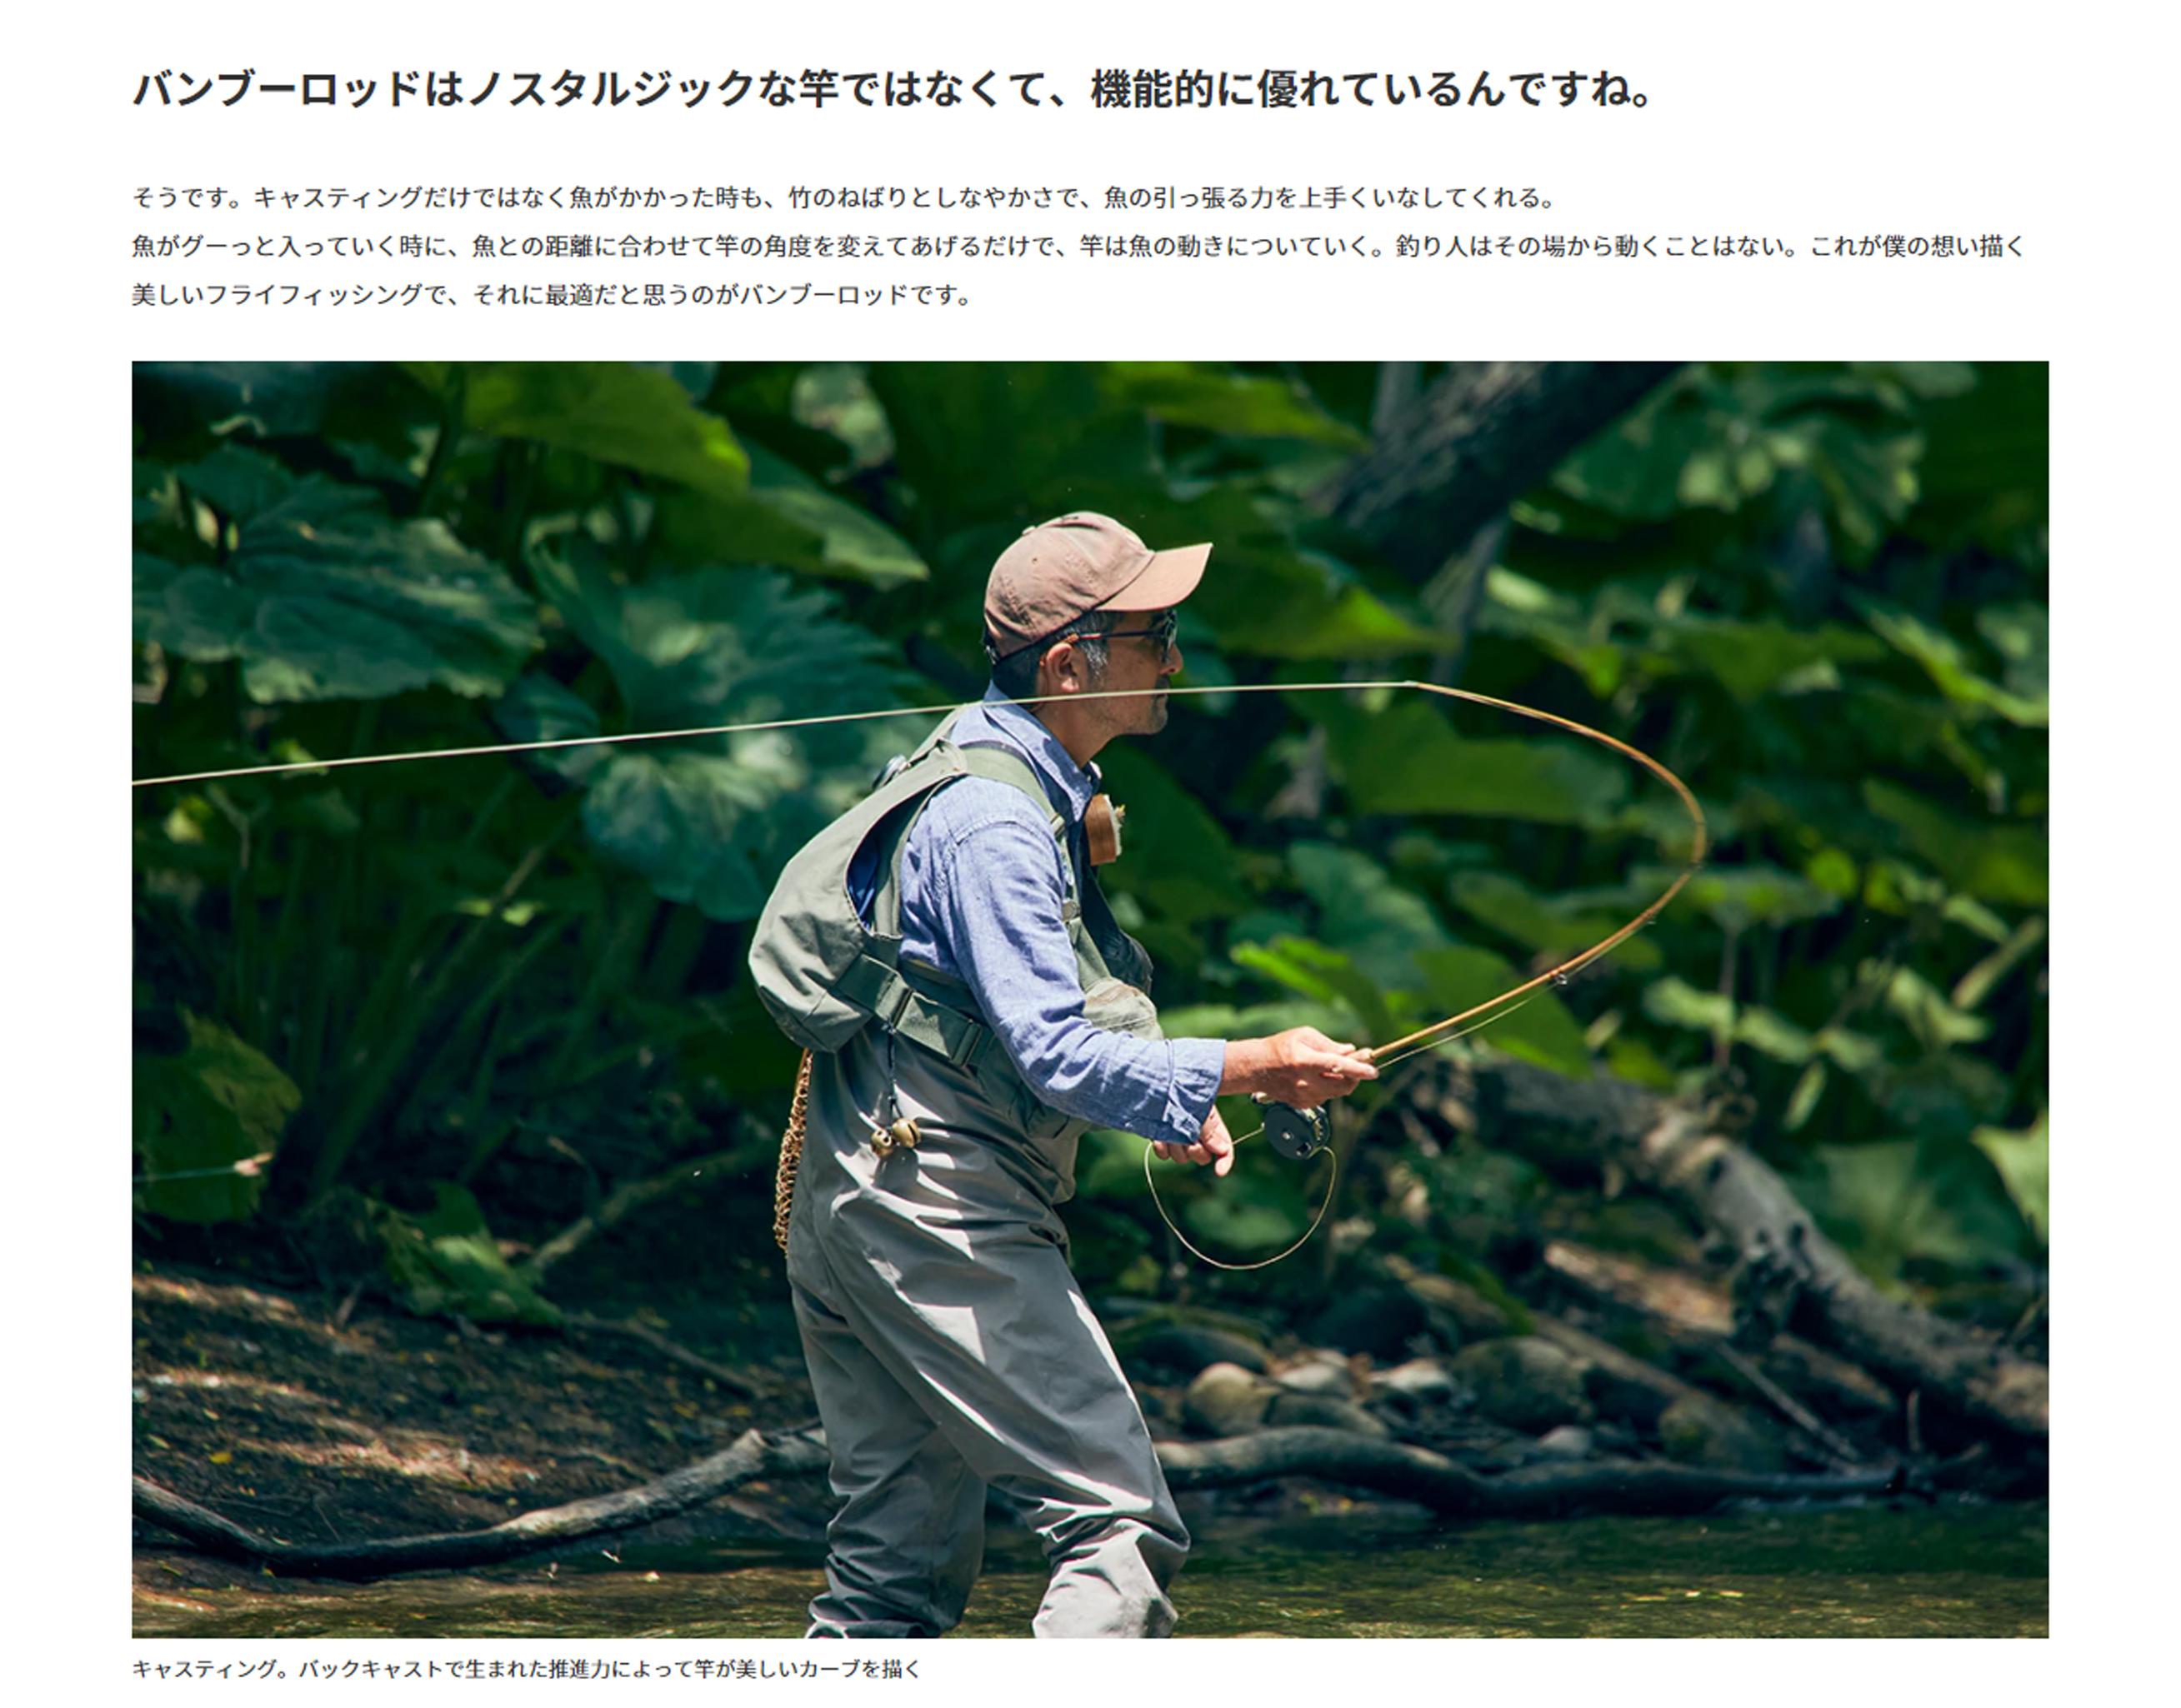 【技に触れる旅】至高のバンブーロッドを求めてトラウト王国・北海道へ行く05